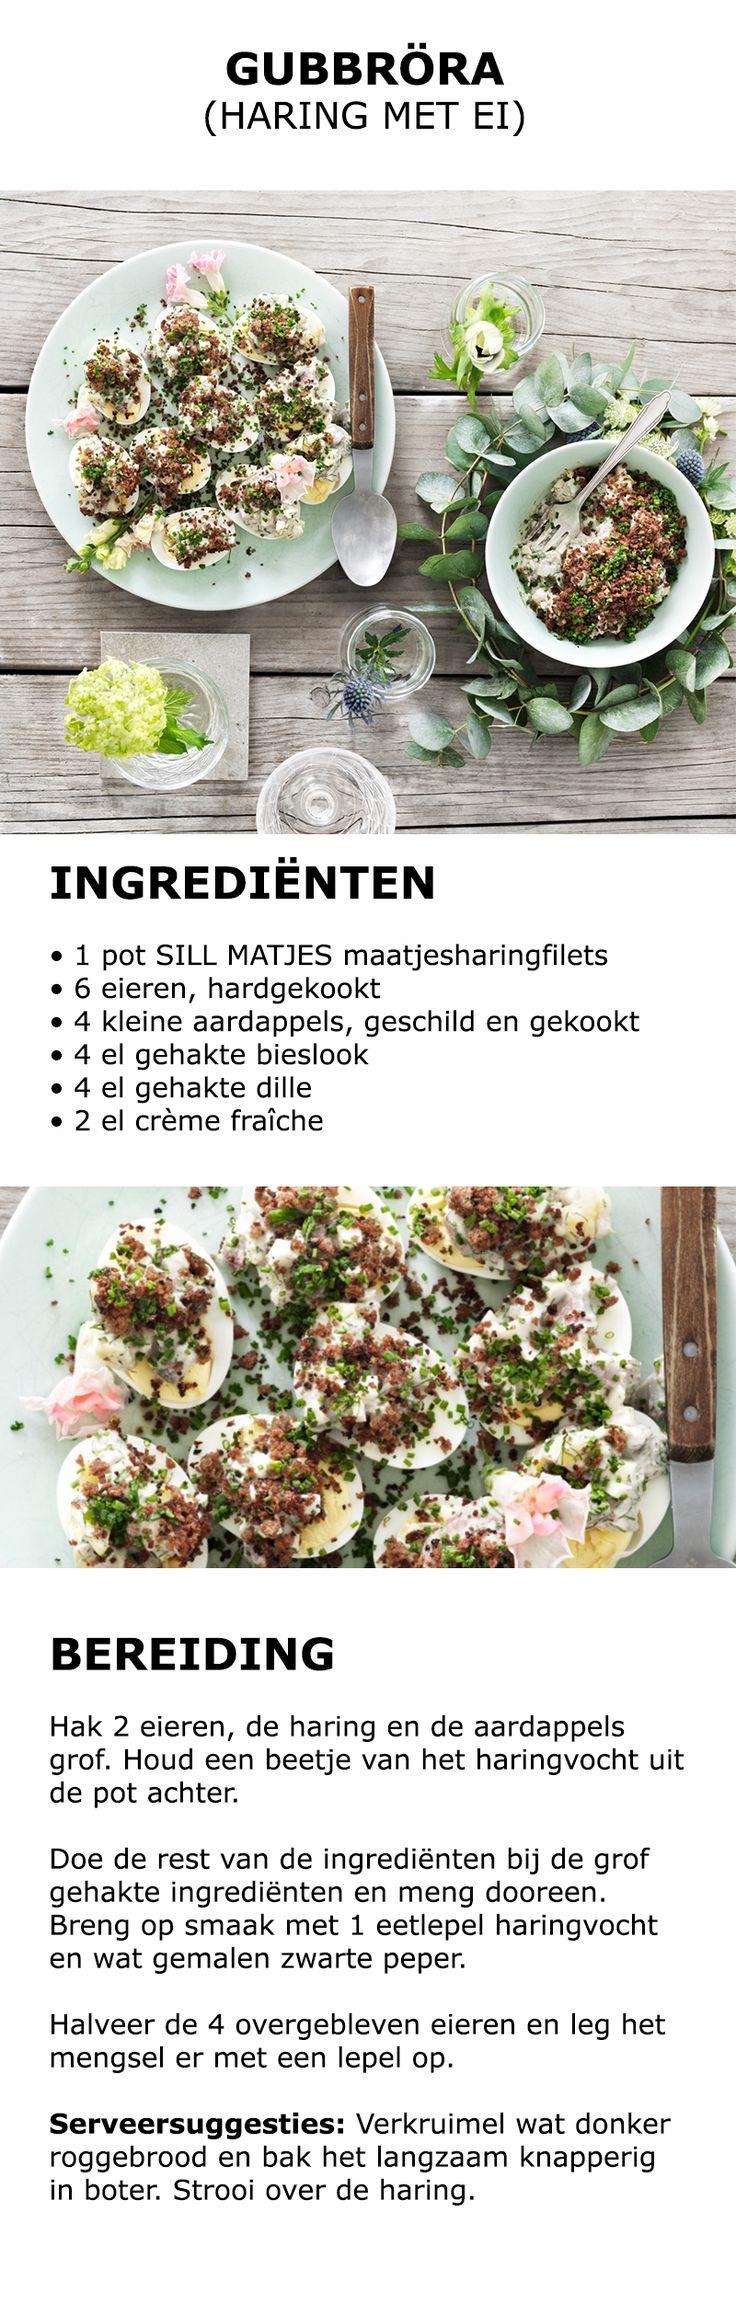 Inspiratie voor Midsommar - Gubbröra (haring met ei) | #koken #keuken #recept…